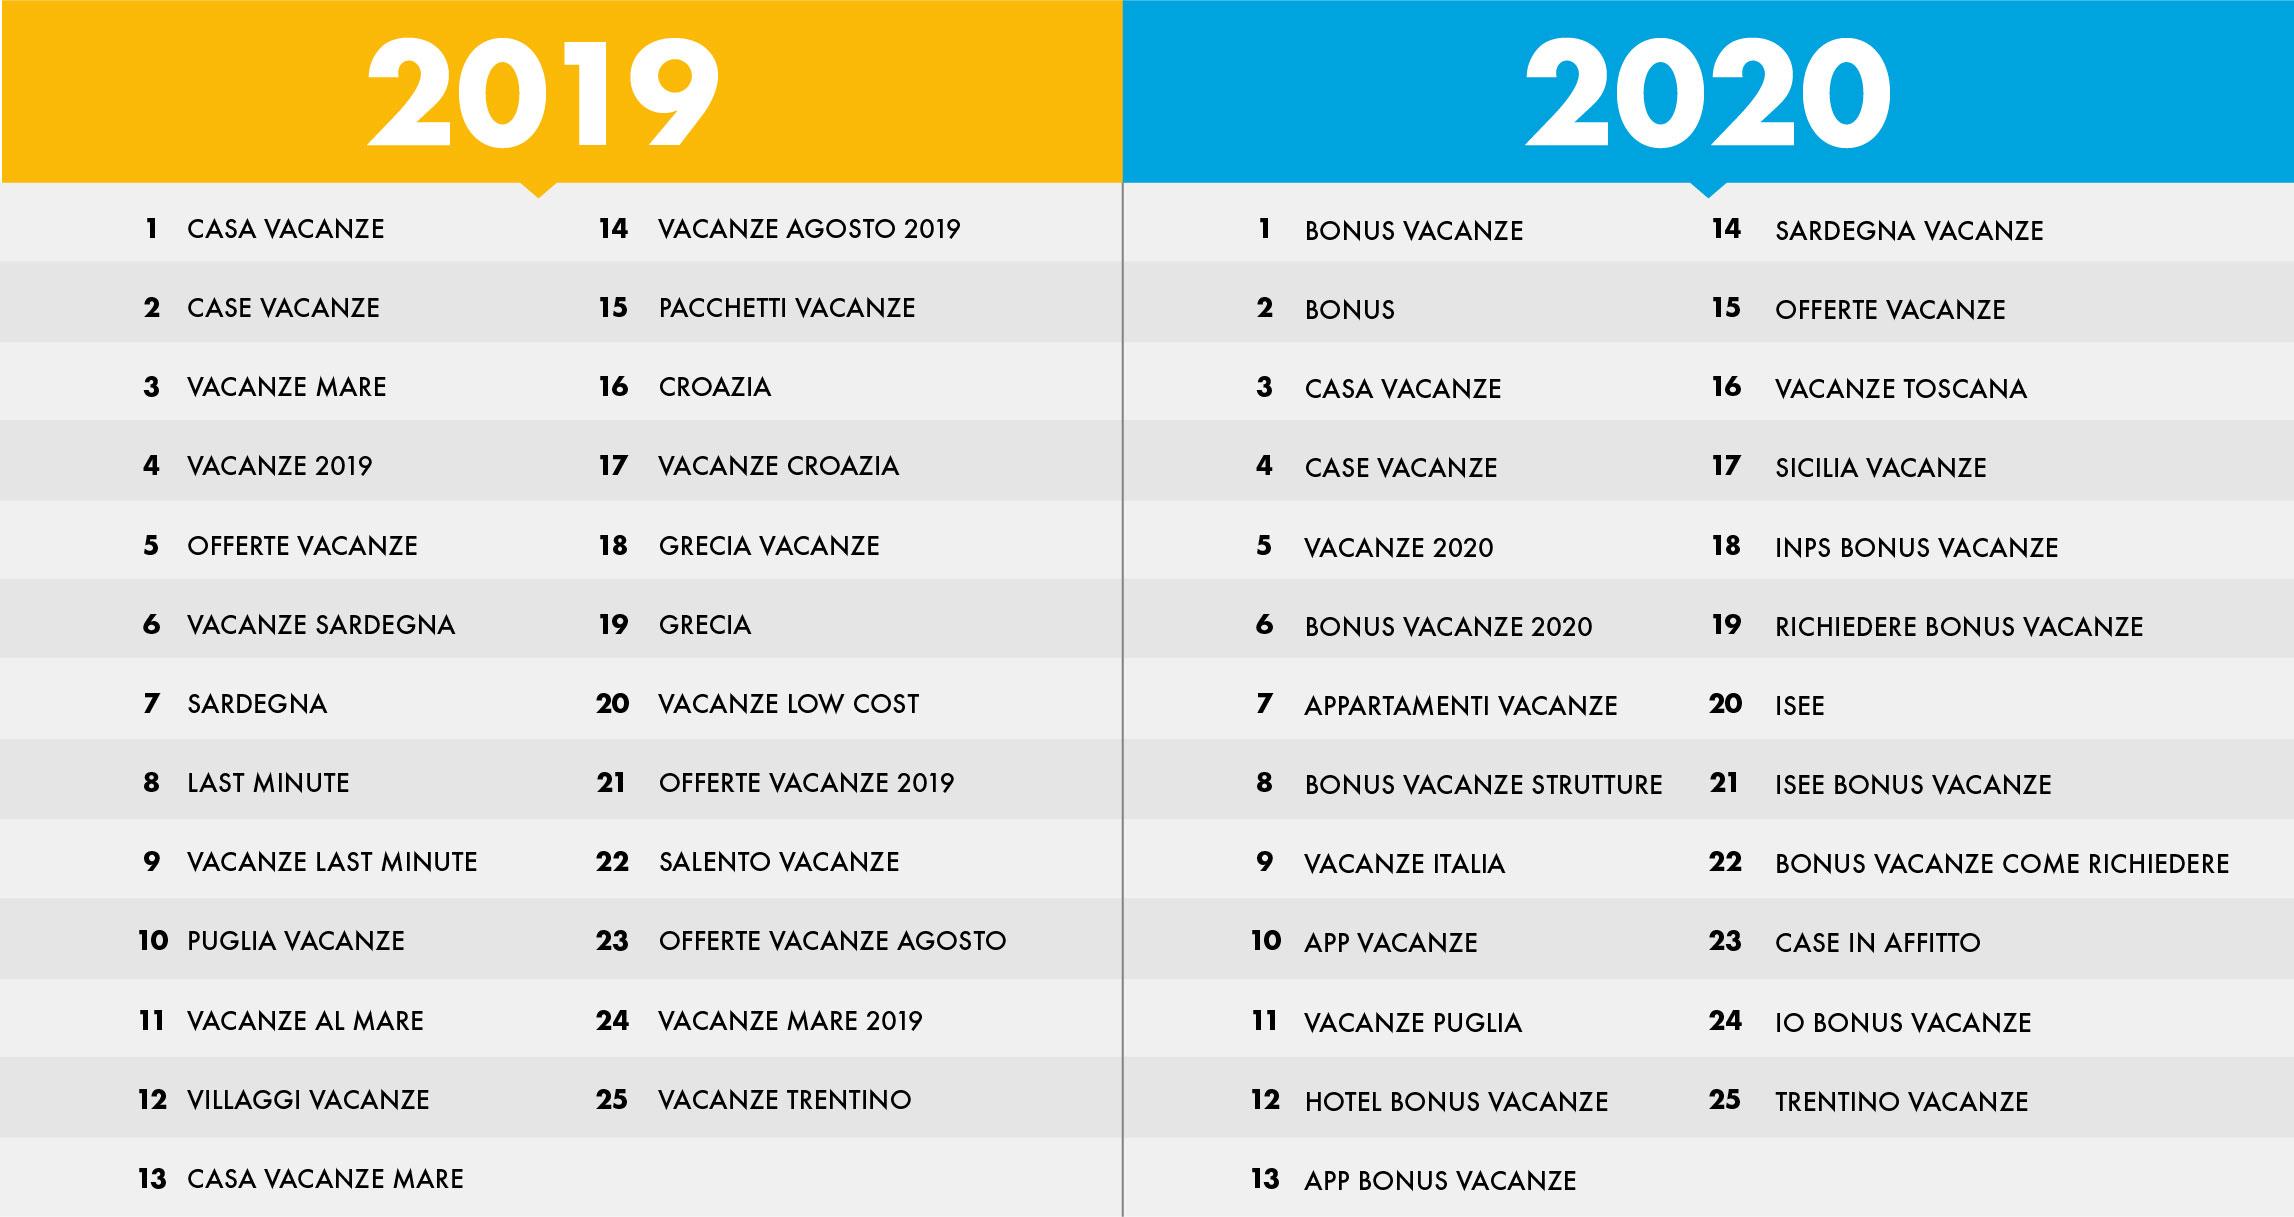 Il 2019 e il 2020 a confronto nelle ricerche delle vacanze